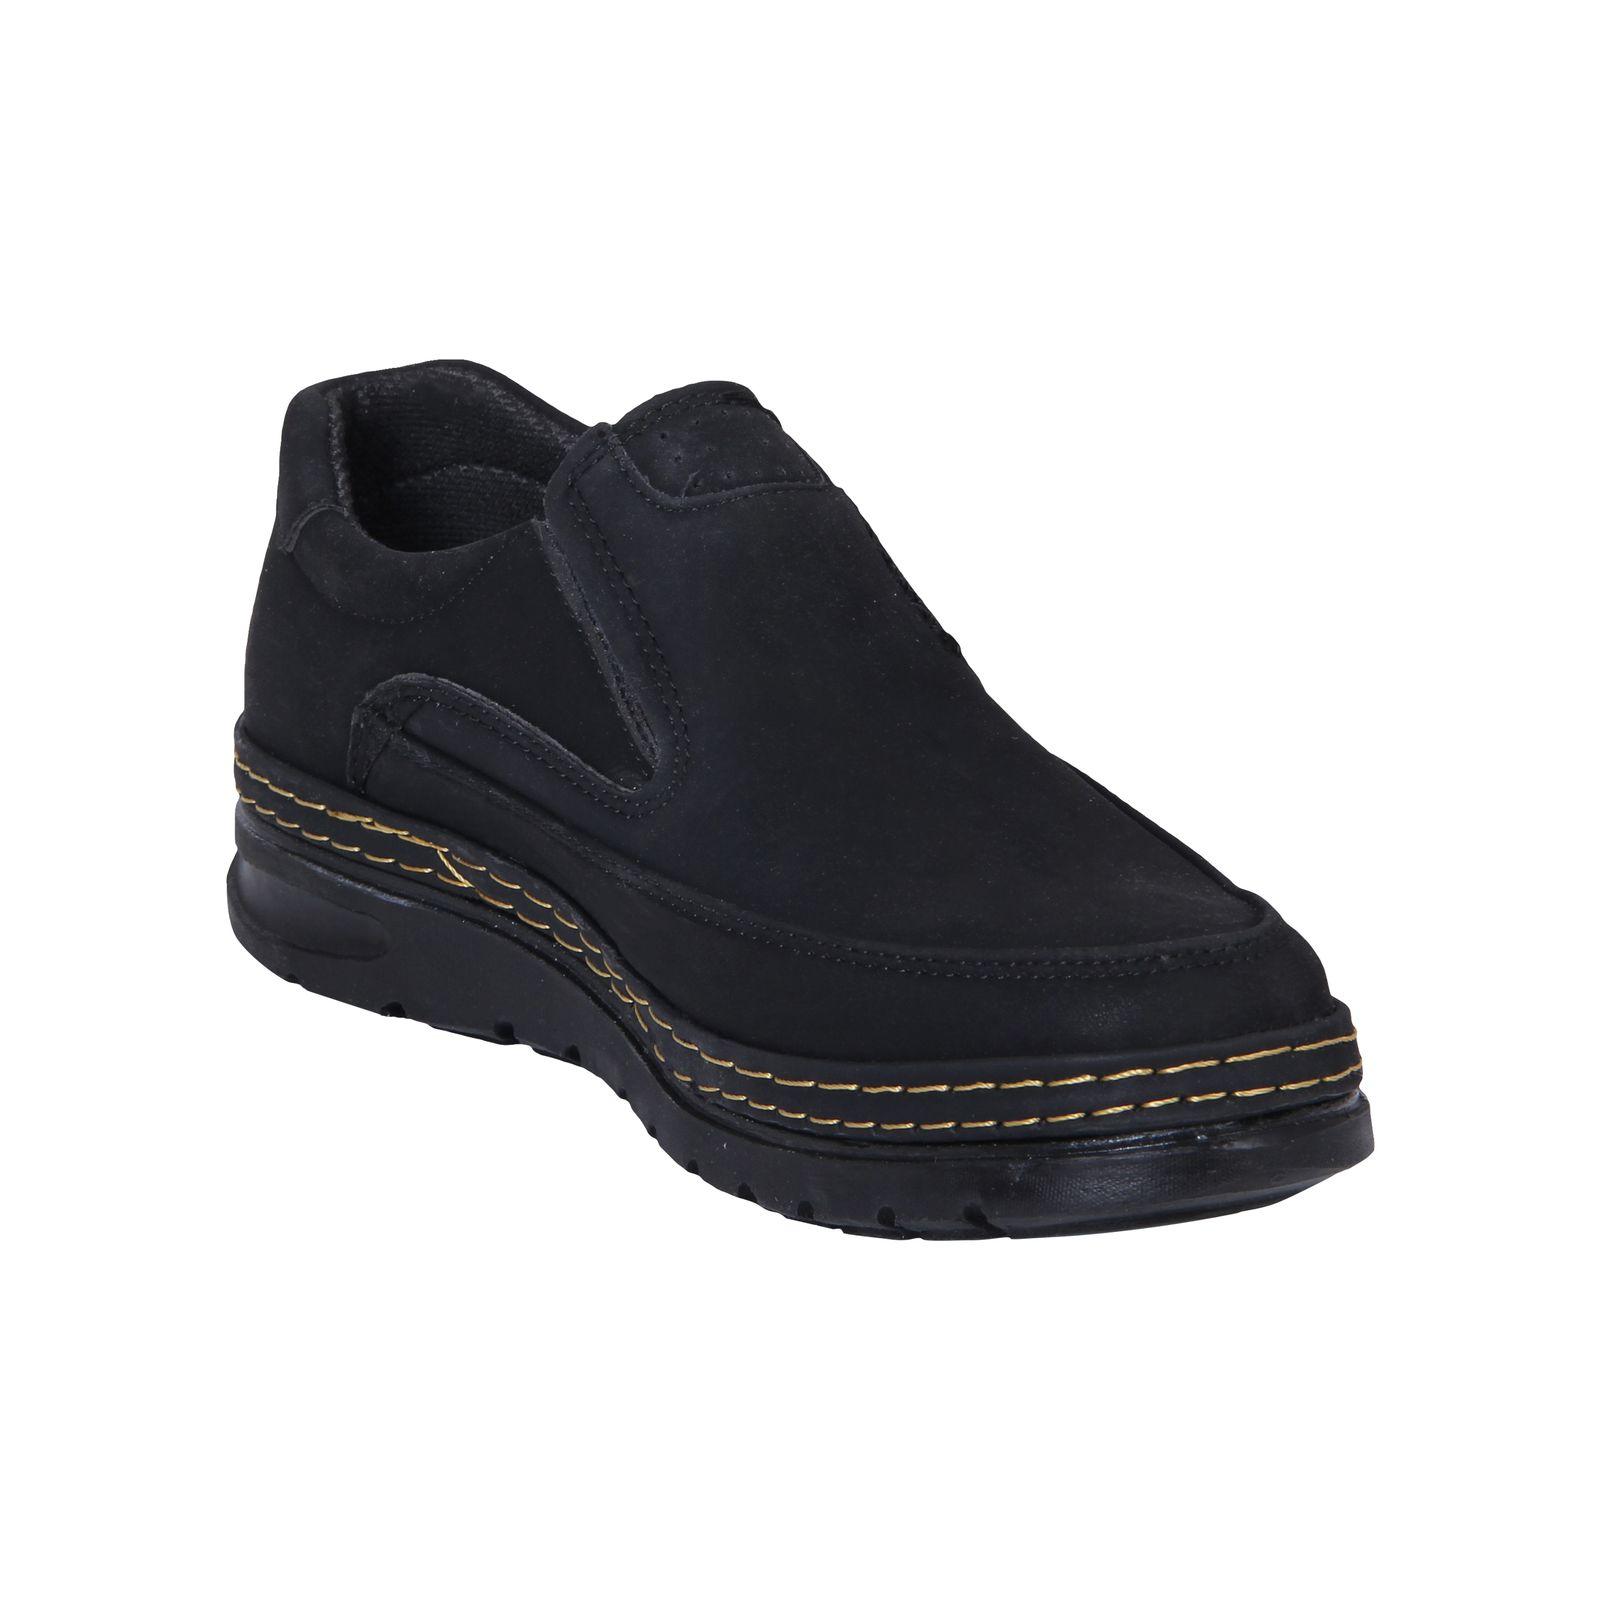 کفش روزمره مردانه کد 1-39973 -  - 2